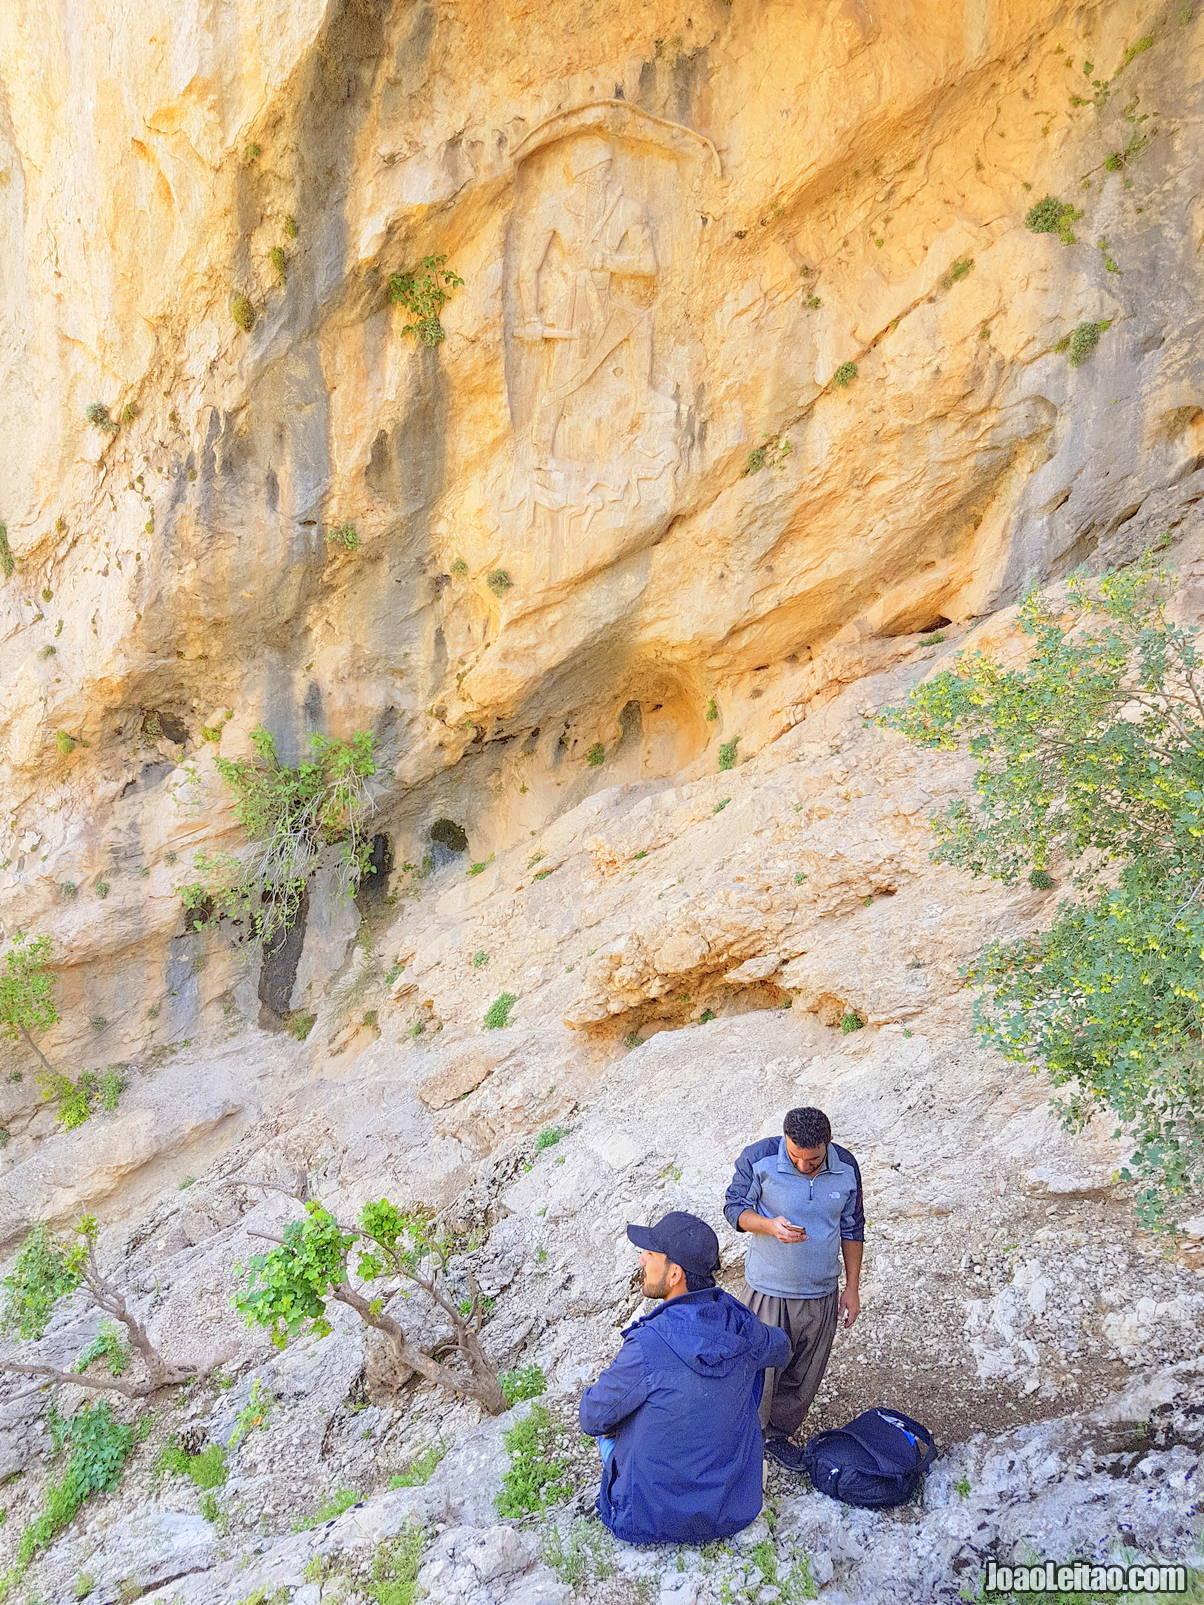 Visit Darband-i-Gawir rock-relief in Iraqi Kurdistan